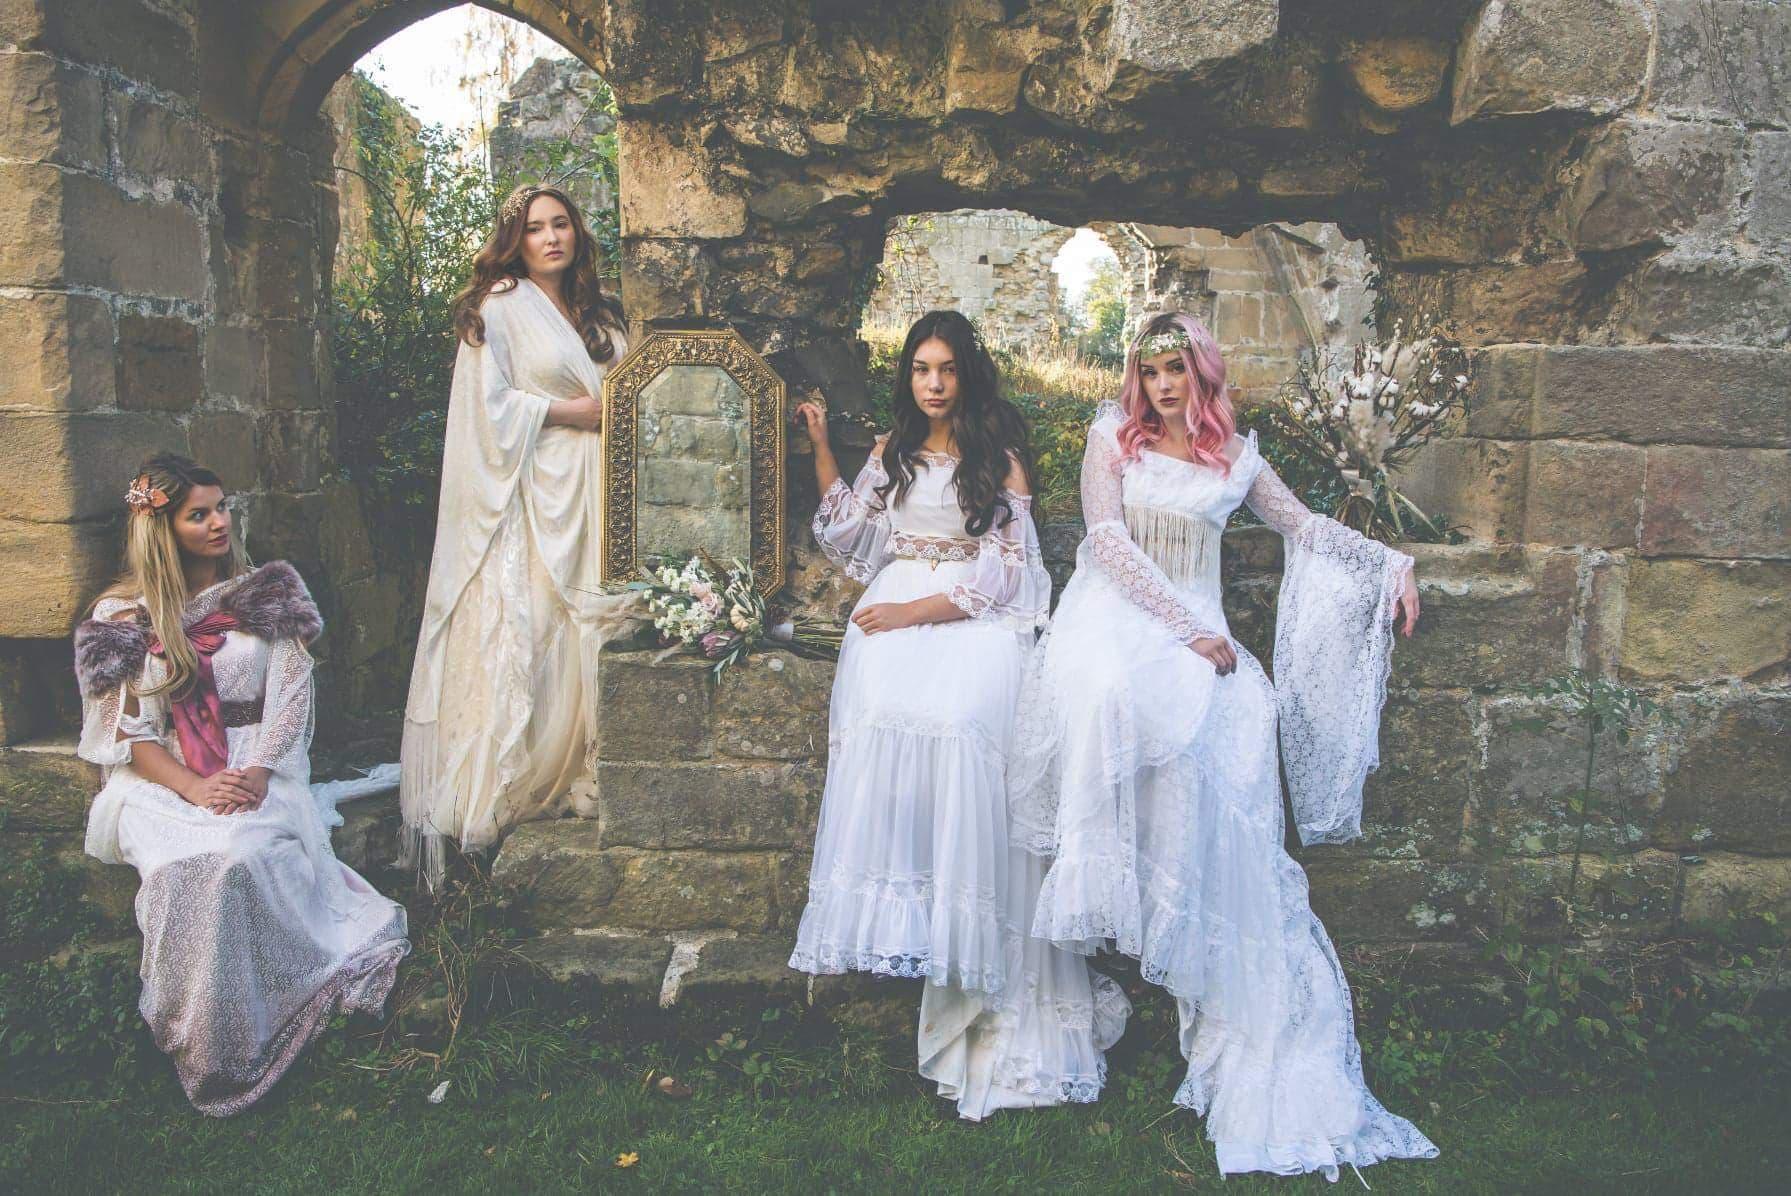 brides-alternative wedding